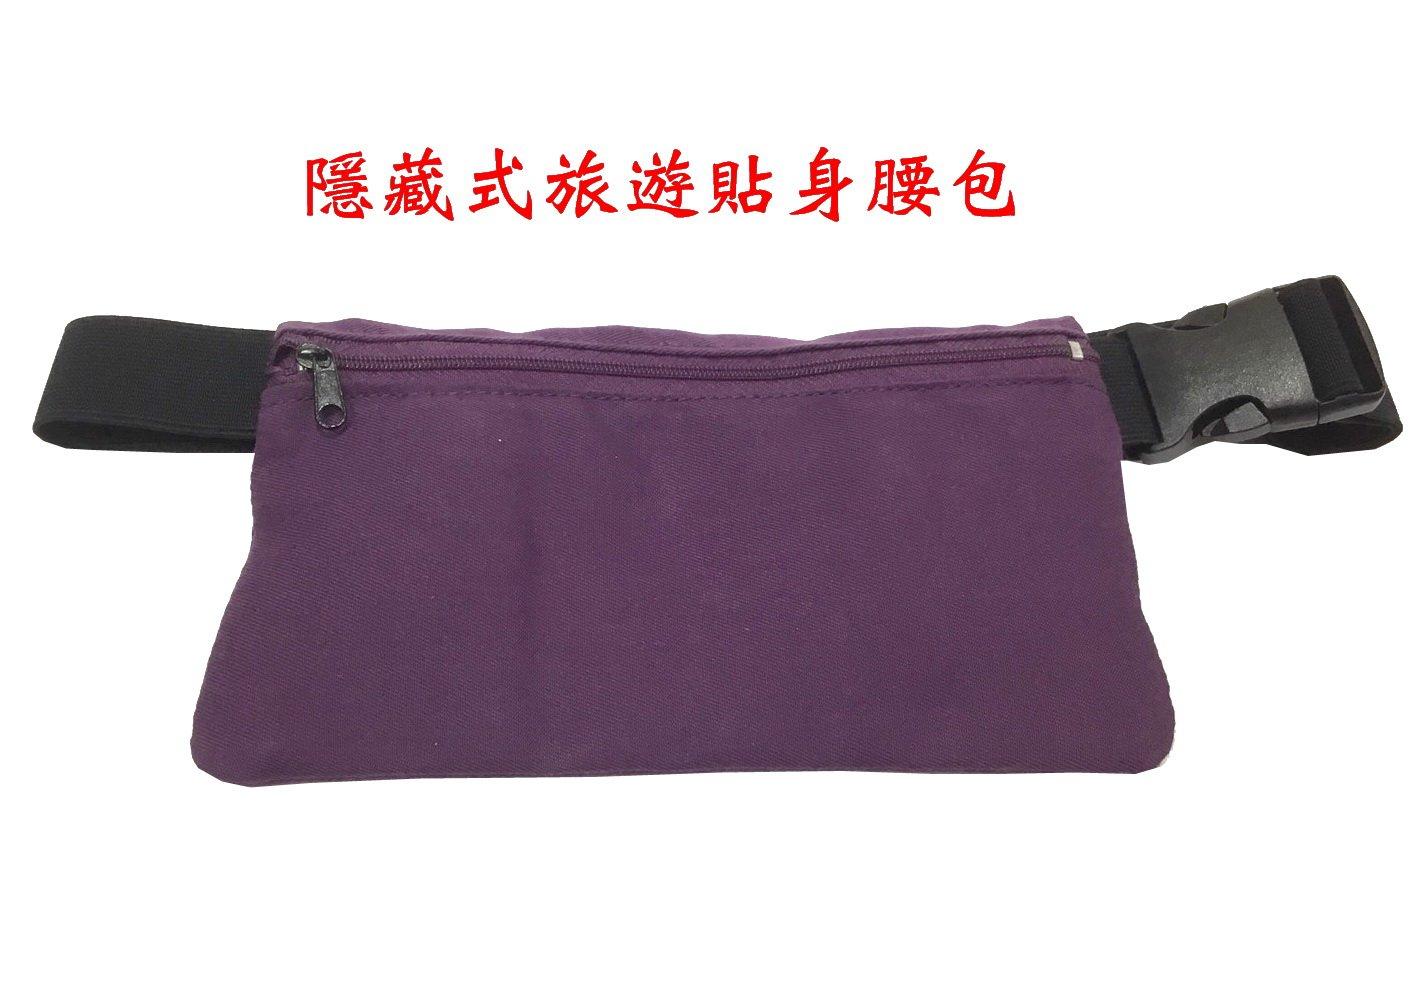 【菲歐娜】7270-( 拍品)隱藏式旅遊貼身腰包 護照包(紫)803